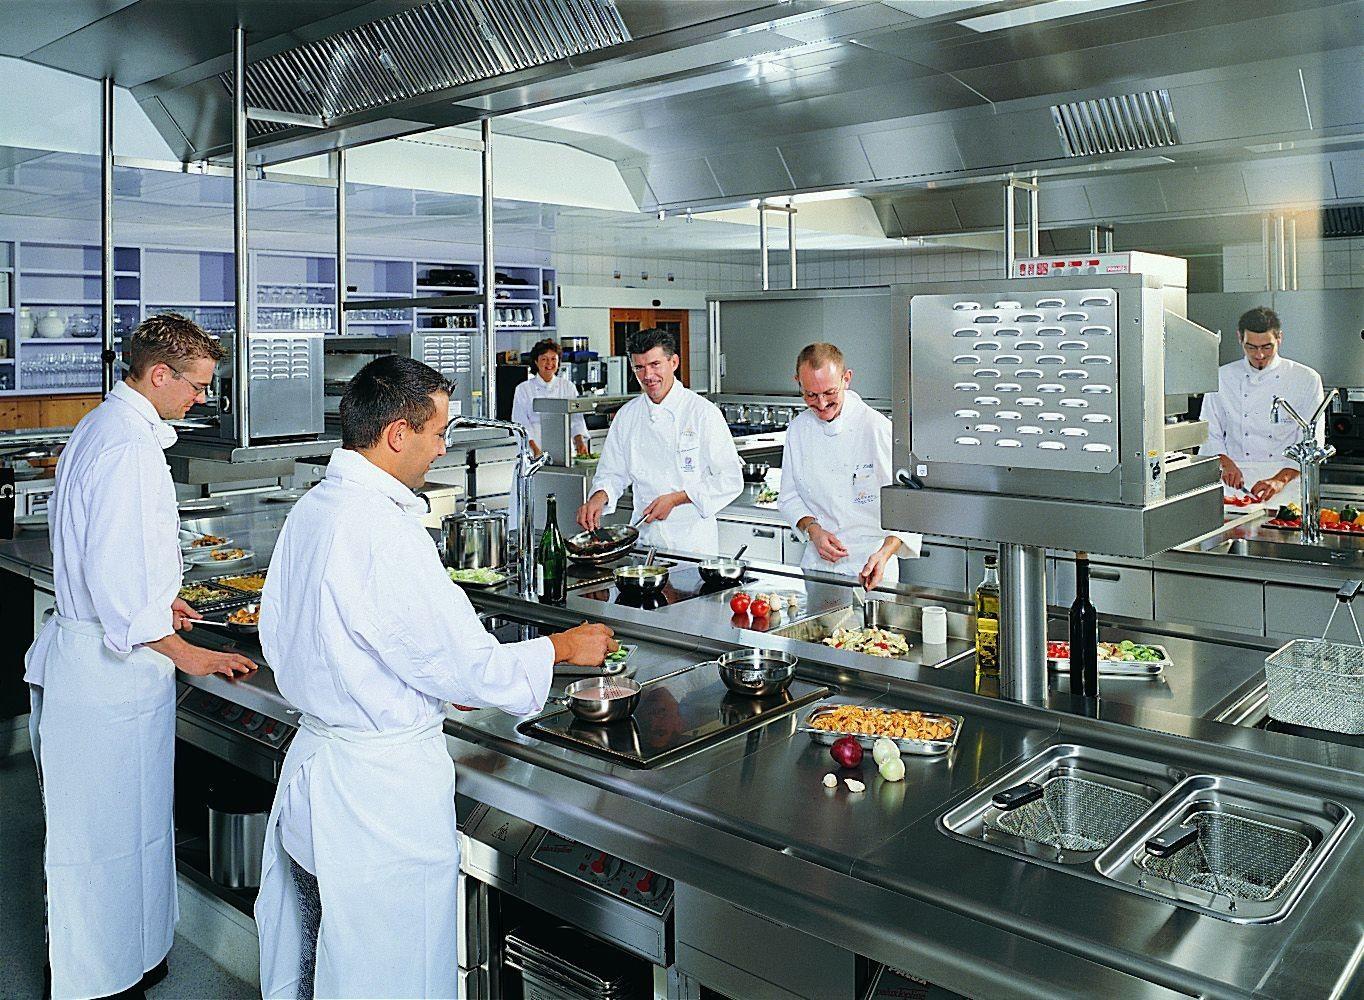 Kitchen, Best Restaurant Kitchen Design Layout Example With Lighting ...